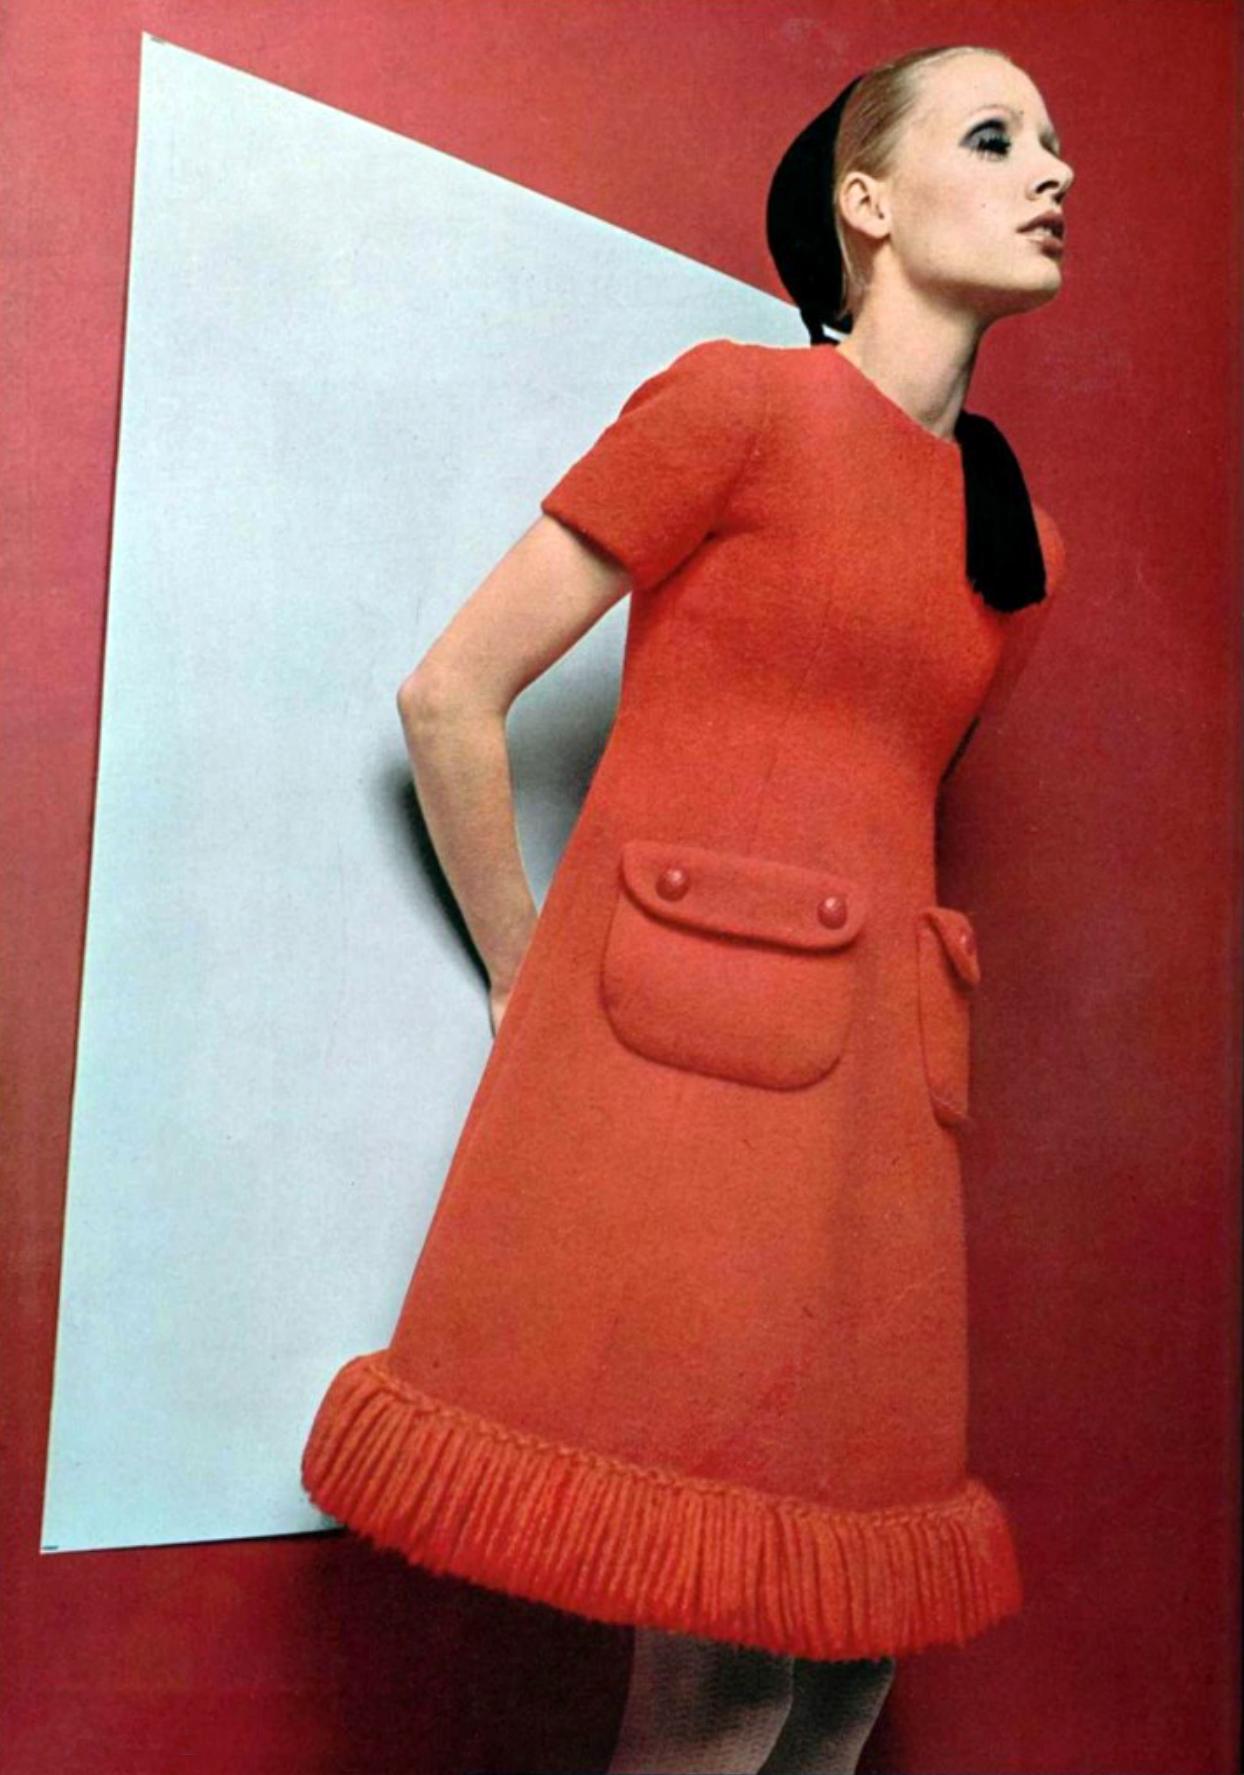 Luofficiel magazine vintage fashion style color photo print ad